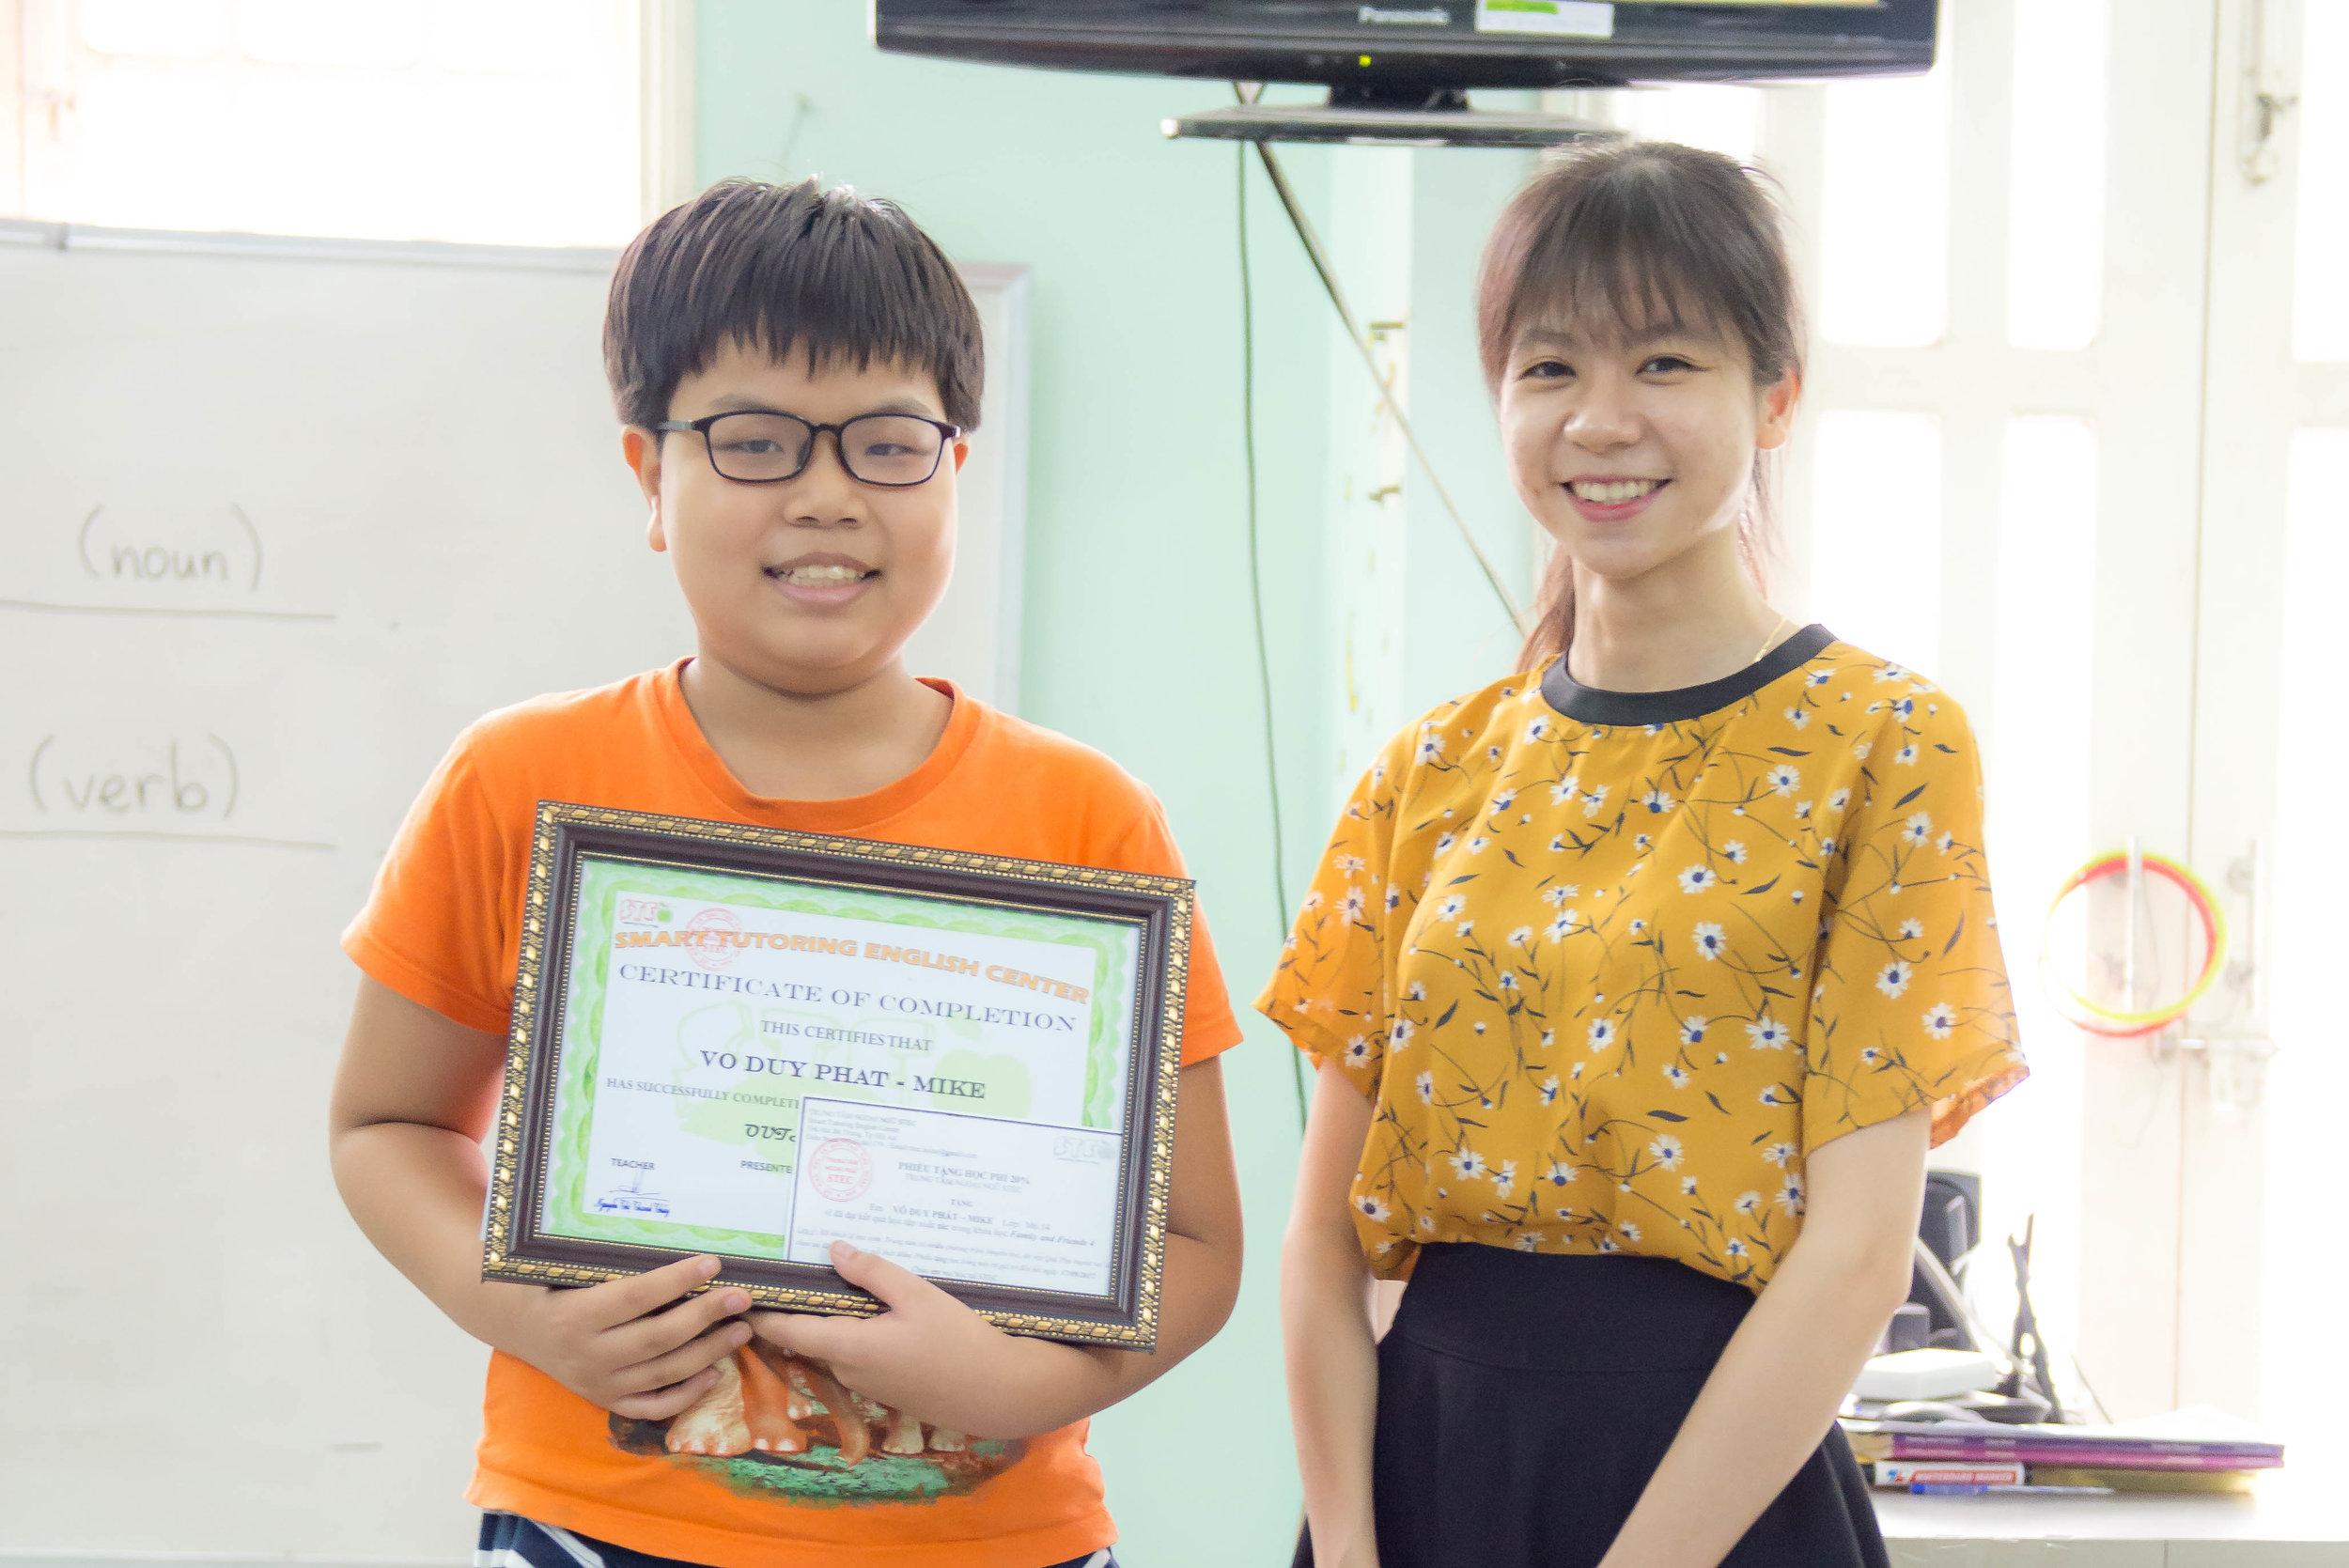 Trao học bổng cho học sinh đạt danh hiệu xuất sắc toàn khóa học.